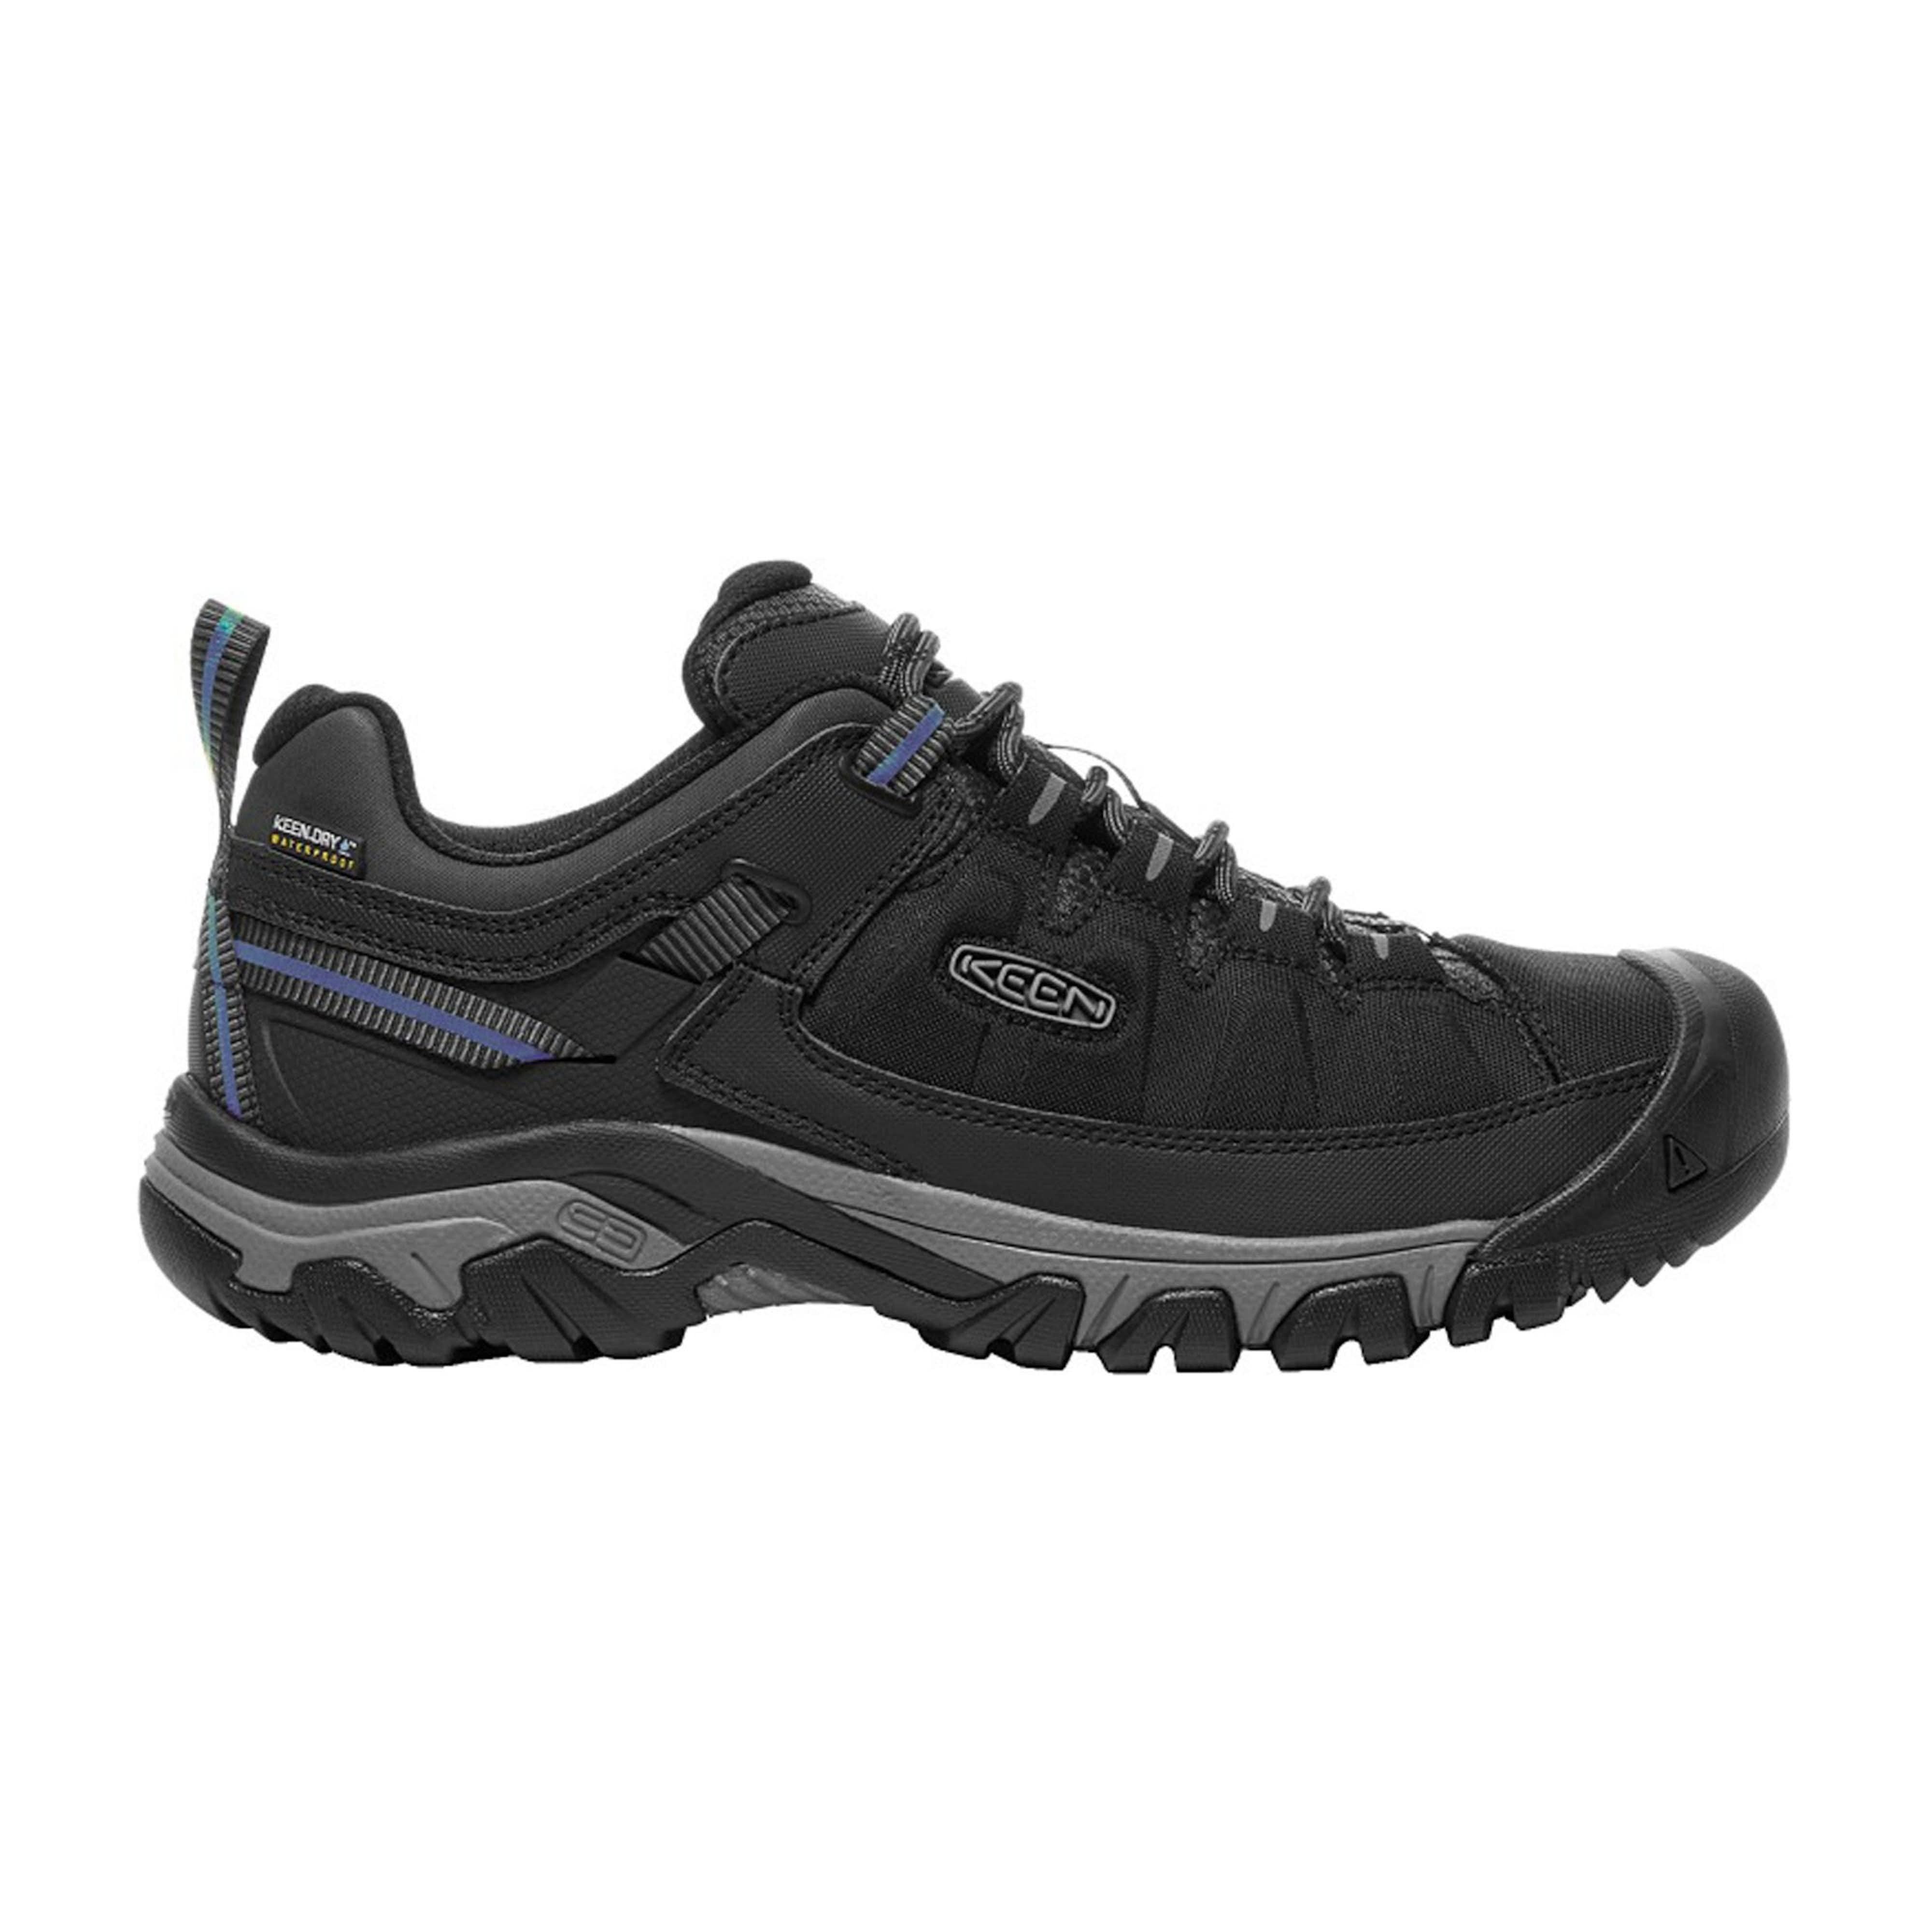 8cbcc9dd2f8 Keen Targhee EXP Waterproof Men's Shoes